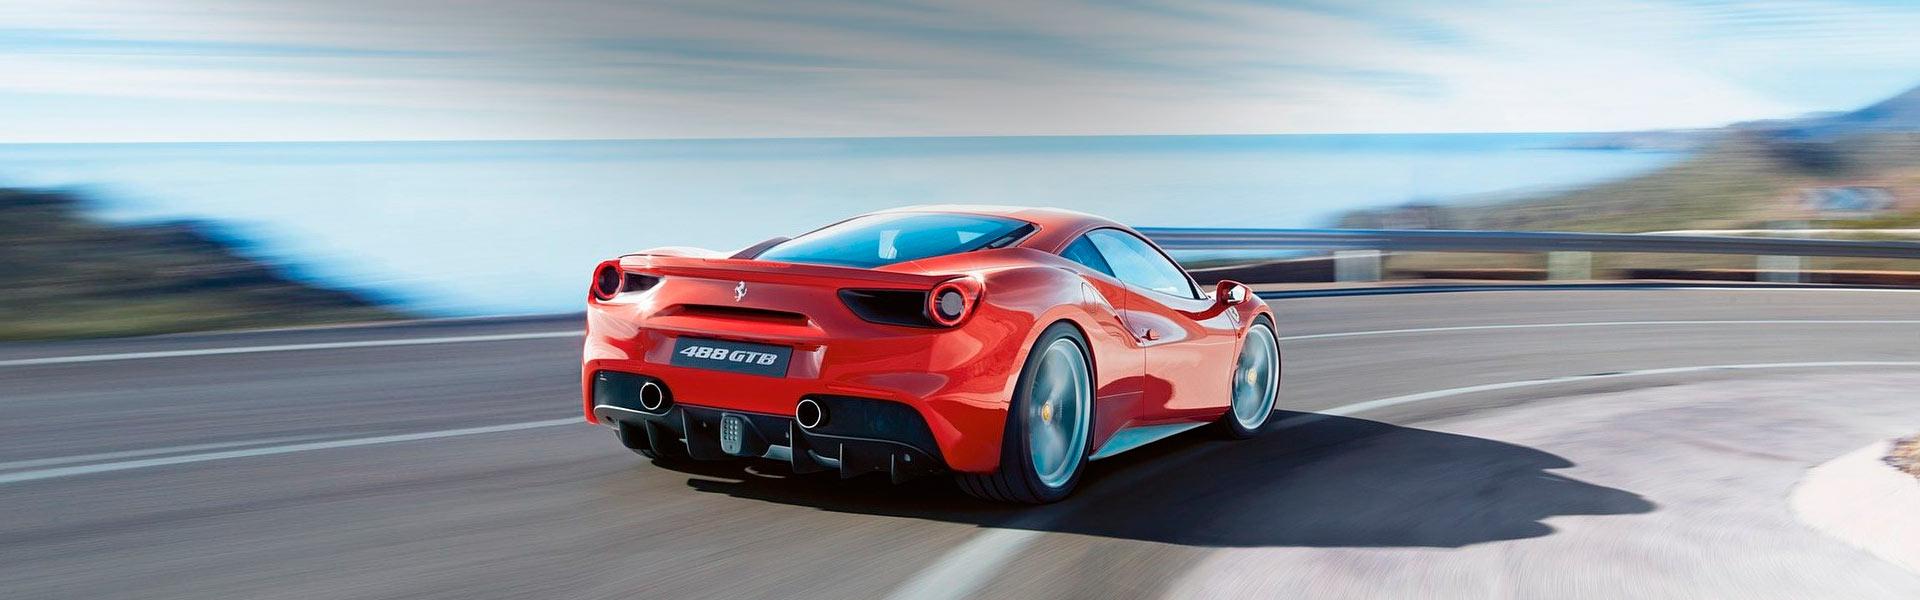 Покраска капота Ferrari